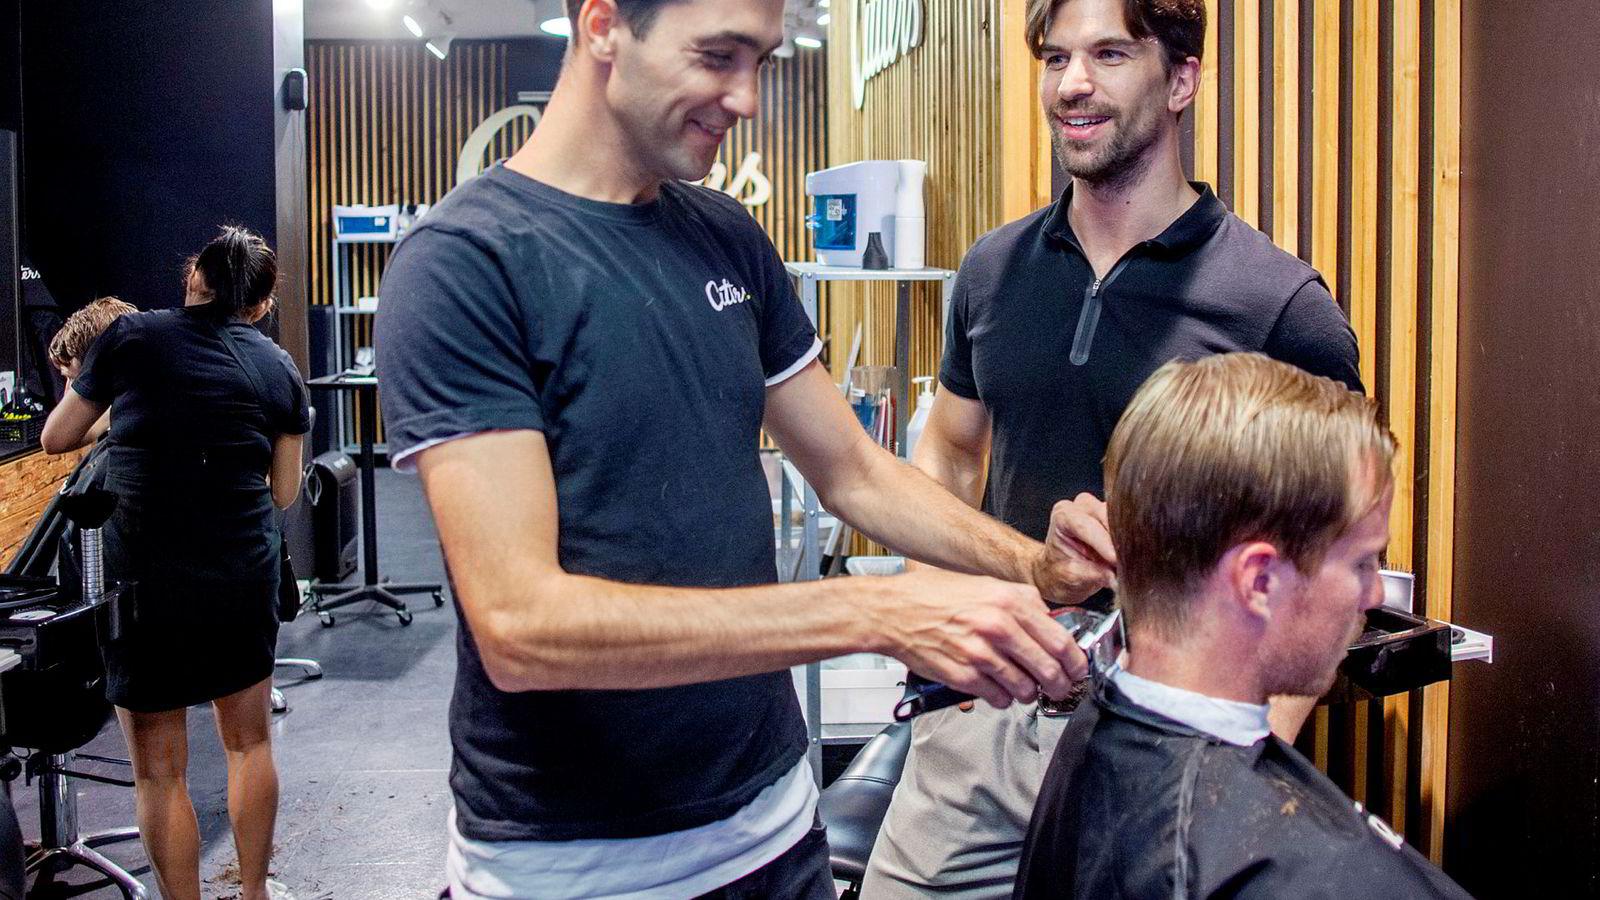 Cutters-modellen er tuftet på effektivitet, og tilbyr kundene en streit hårklipp til en billig penge. Her er frisør Igor Fehirov, kunde Andreas Osnes og gründer Kristian Solheim ved en salong i Bogstadveien.